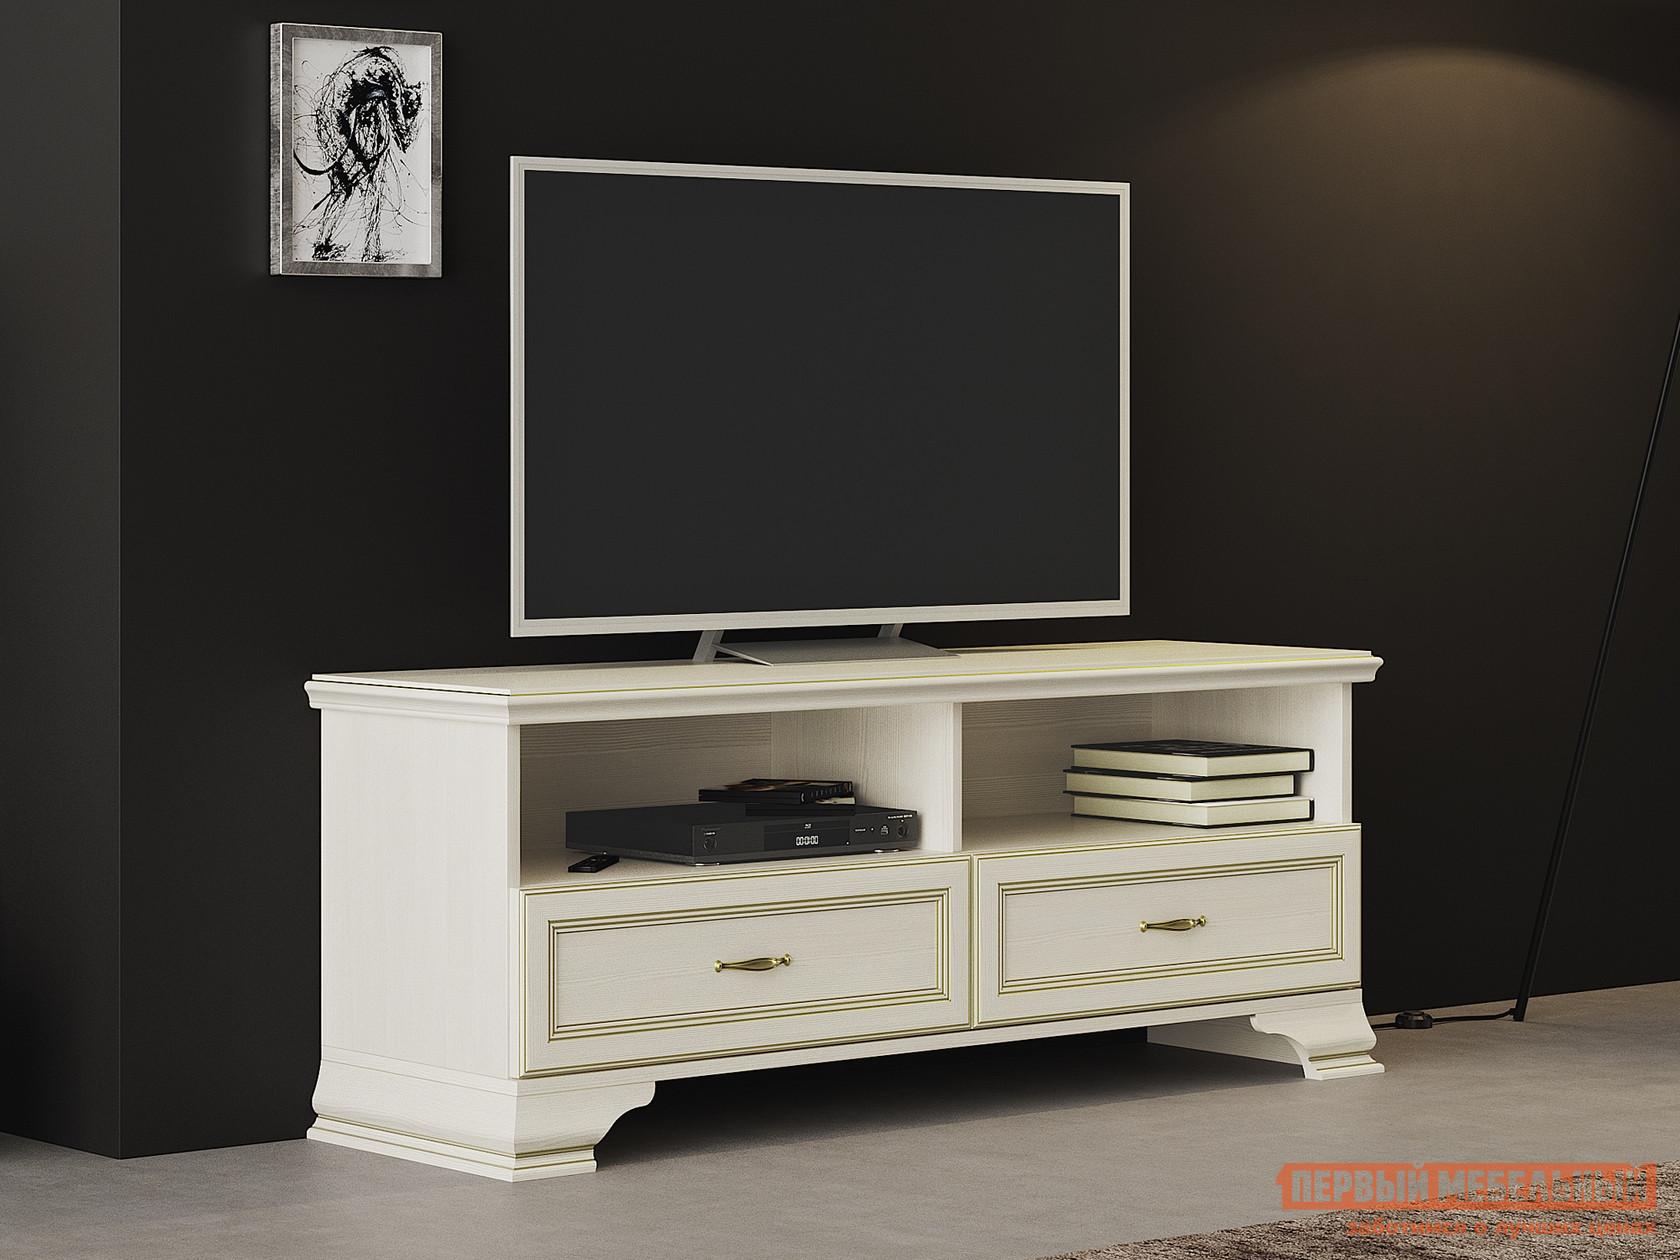 ТВ-тумба Первый Мебельный ТВ тумба низкая Сиена тумба для тв techlink techlink rv100lo